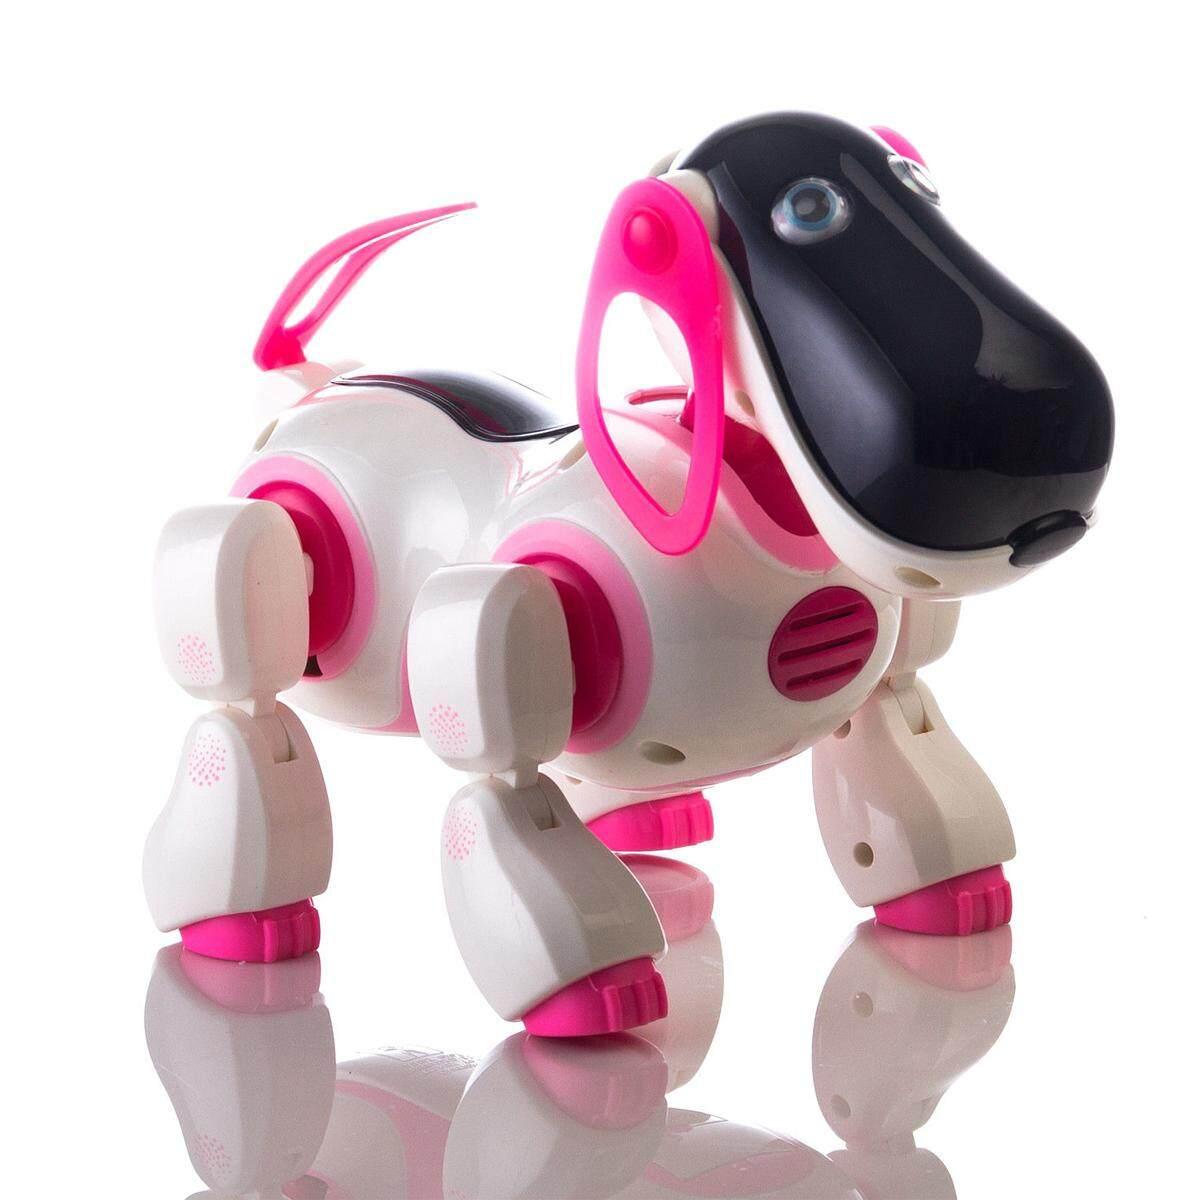 Detail Gambar RC Smart Cerita Robot Anjing Bernyanyi Menari Berjalan Berbicara Dialog Mainan Hewan Peliharaan Berwarna